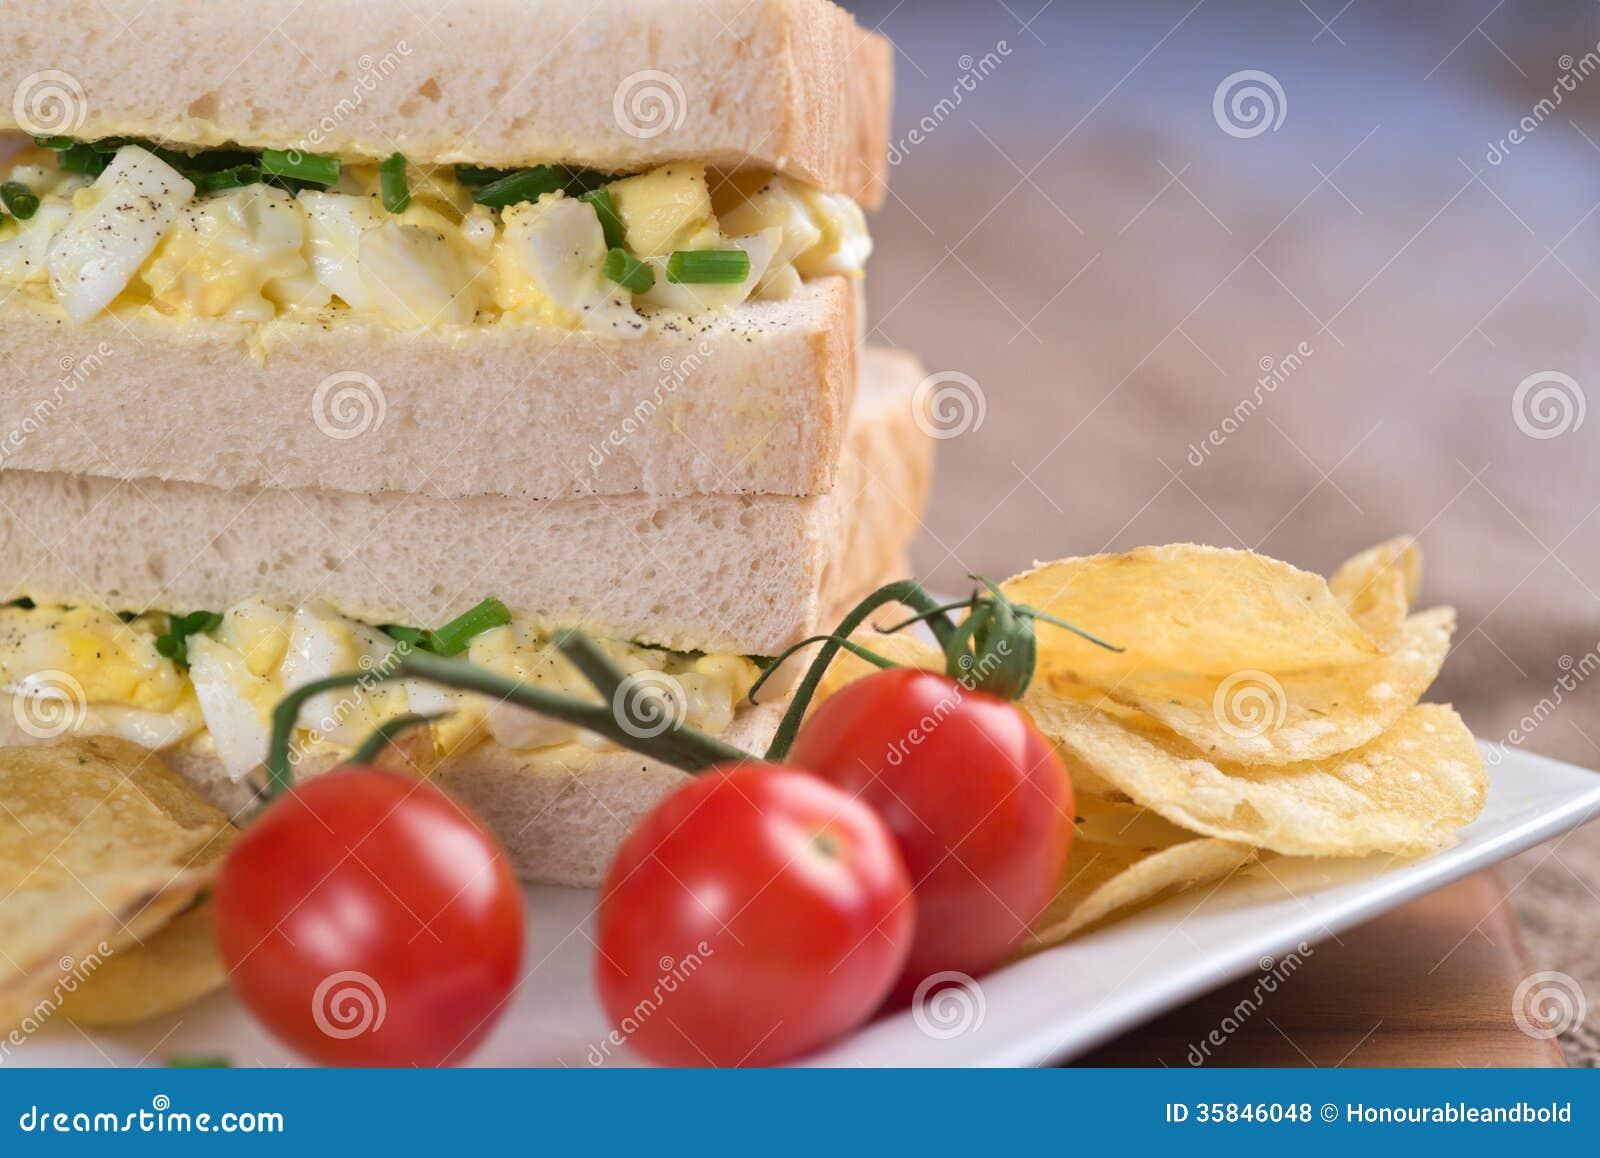 Oeuf frais sur le sandwich blanc dans l 39 arrangement for Arrangement de cuisine